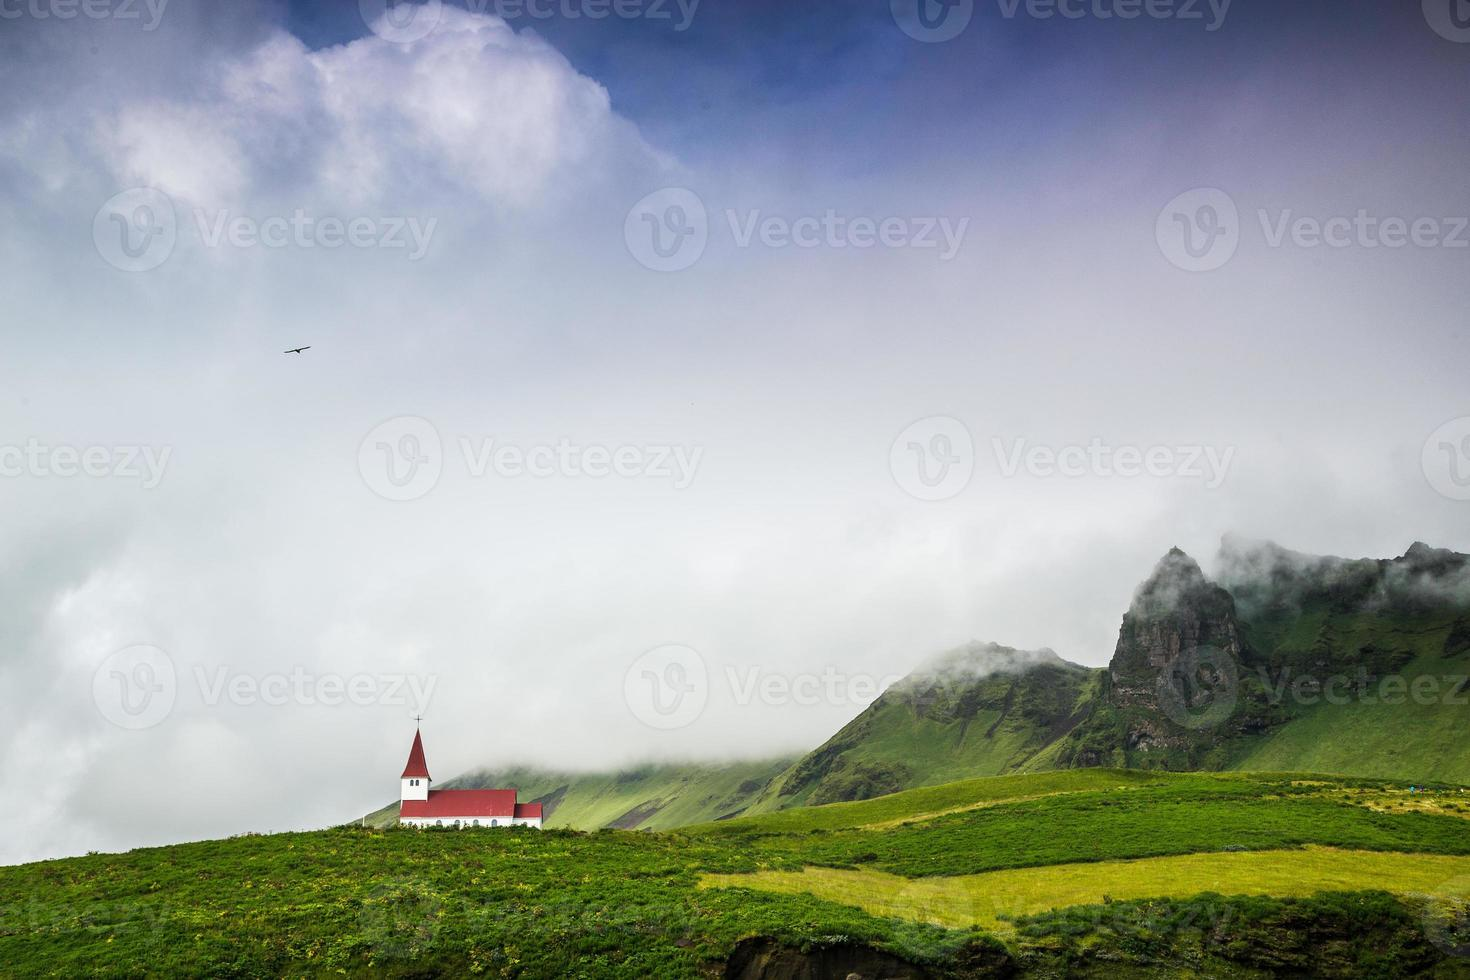 chiesa sulla montagna con un uccello. foto